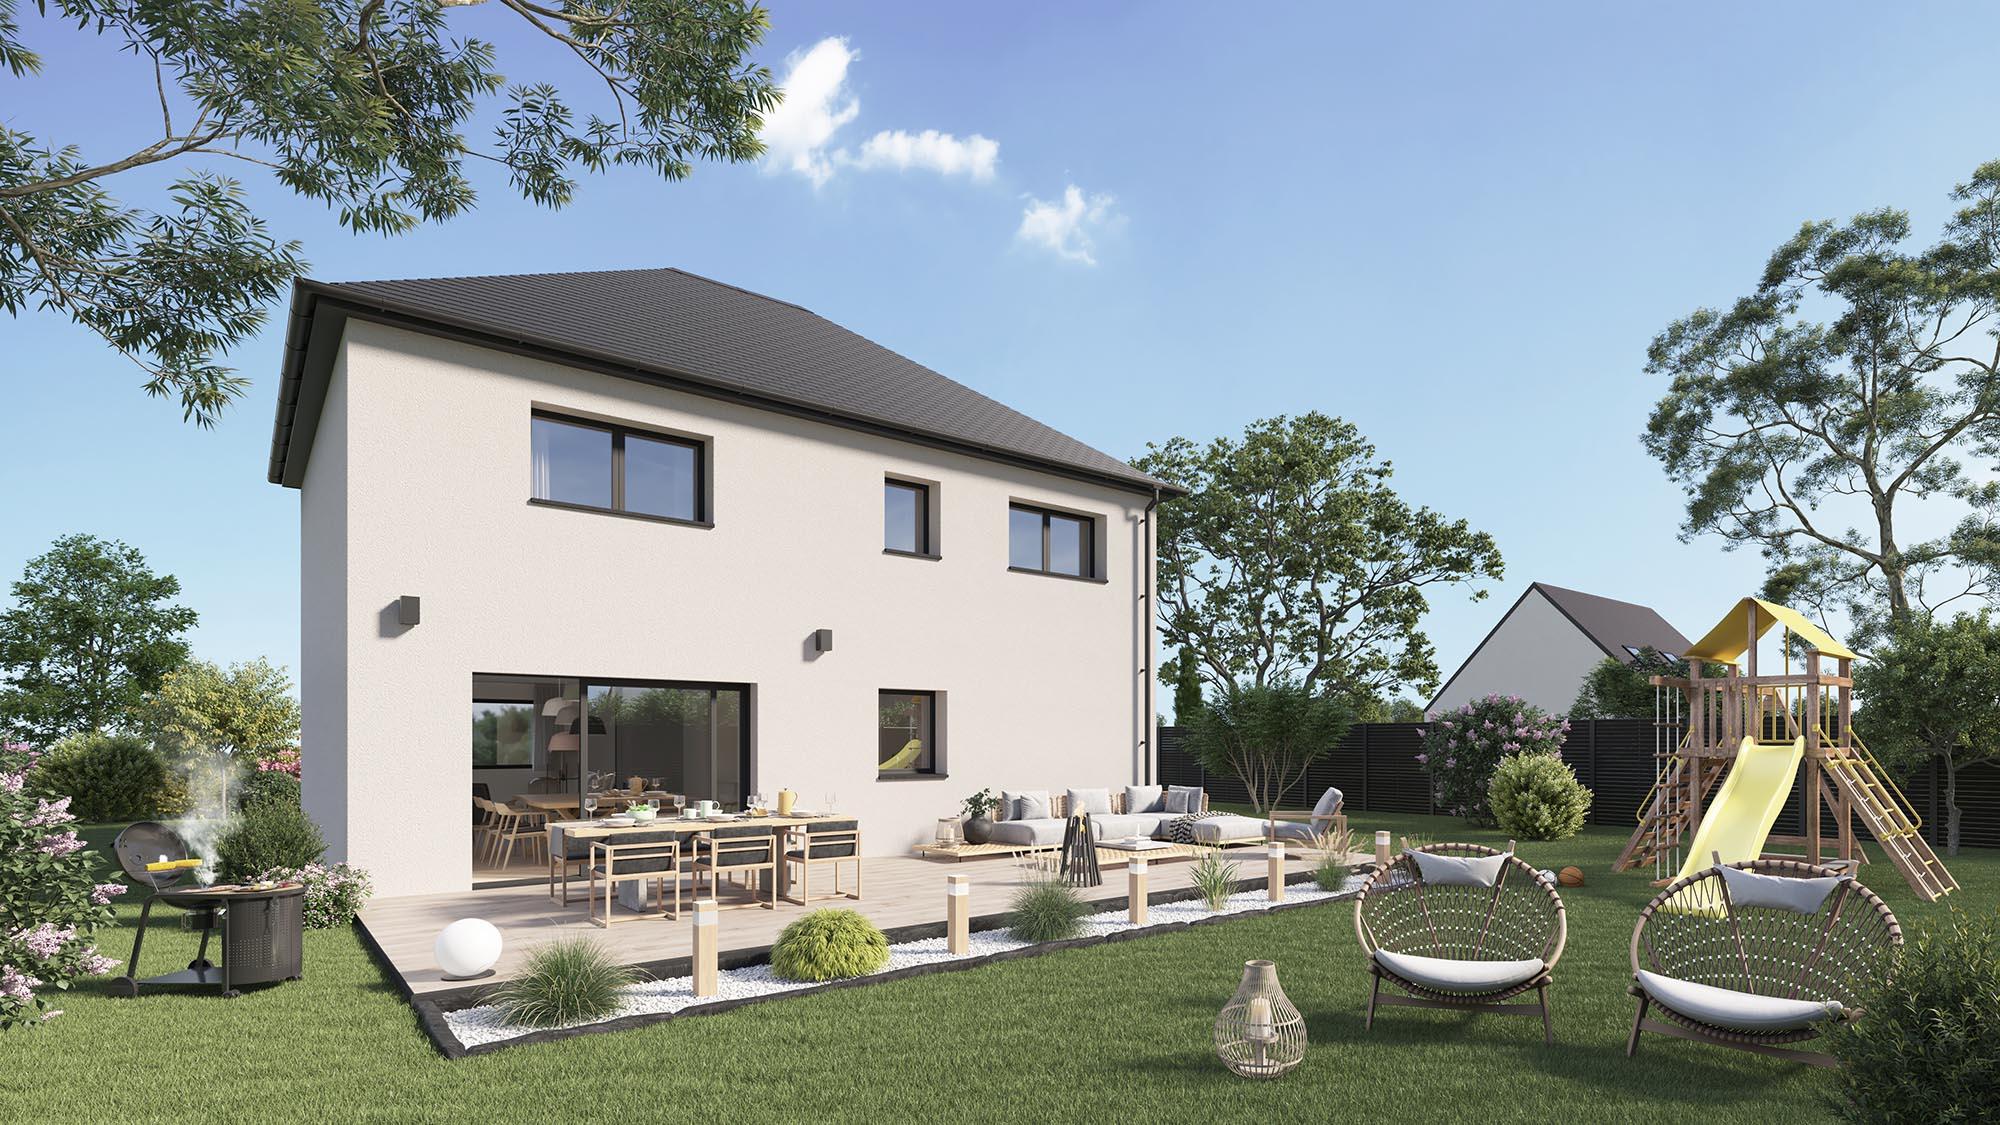 Maisons + Terrains du constructeur Maison Castor Reims • 116 m² • FISMES